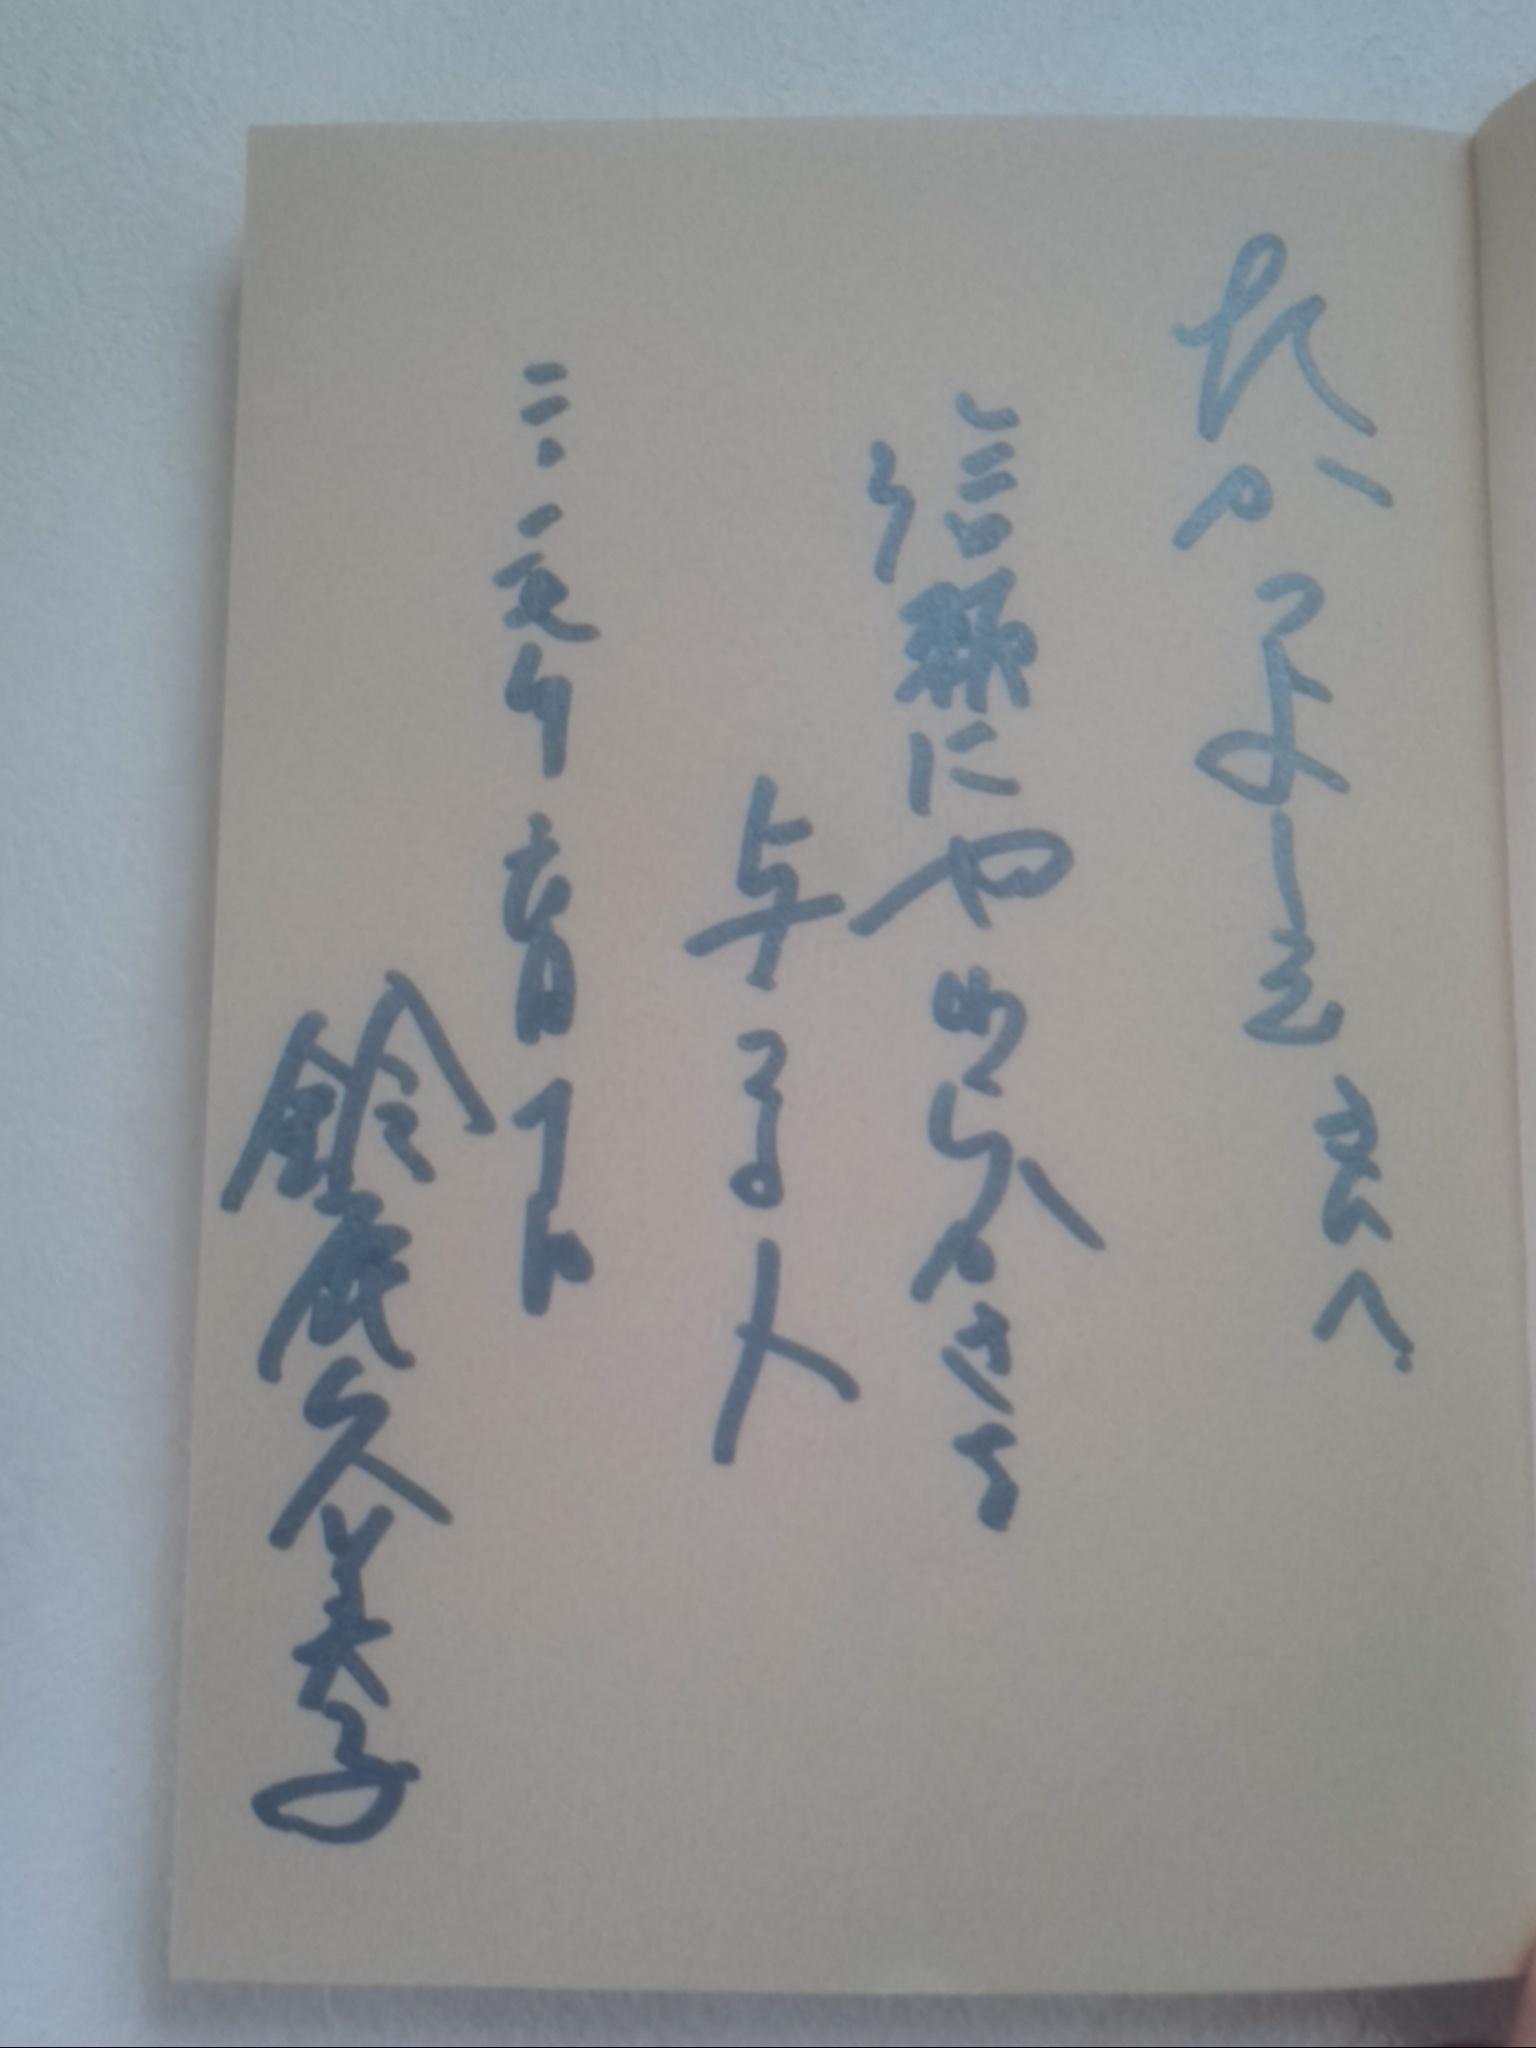 「女性選挙戦略家 鈴鹿久美子氏」の出版記念パーリィに行って来ました!_f0340942_23202152.jpg